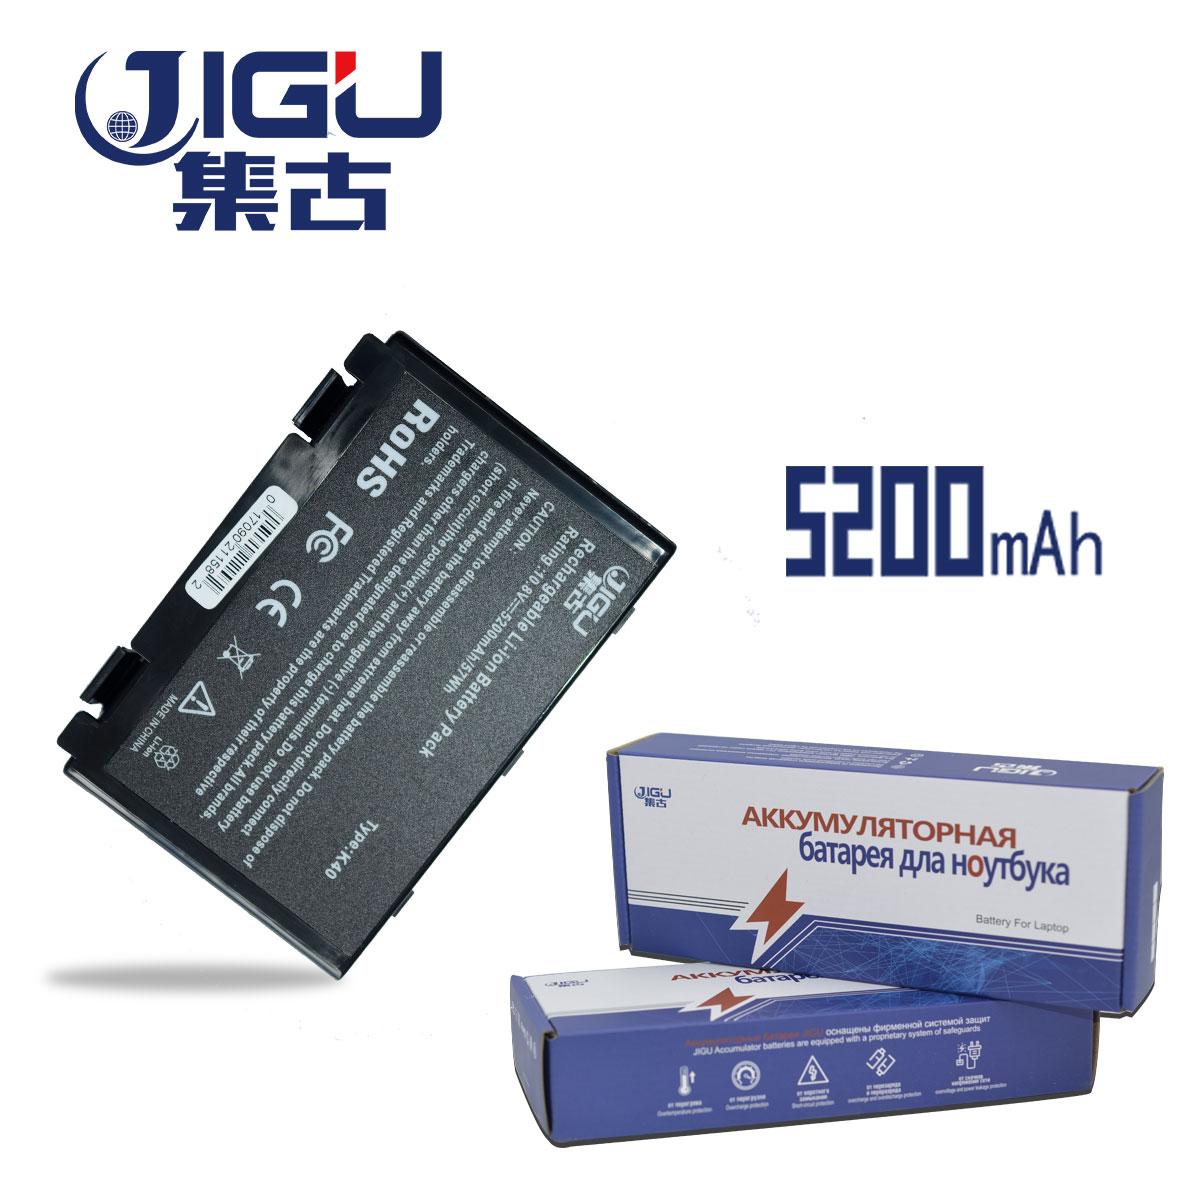 JIGU k50in 6 Cell Battery Pack for Asus K40 / F82 / A32 / F52 / K50 / K60 L0690L6 A32-F82 k40in k40af k50ij аккумулятор tempo lpb k50 11 1v 4400mah for asus k40 k50 k51 k60 k61 k70 p50 p81 f52 f82 x65 x70 x5 x8